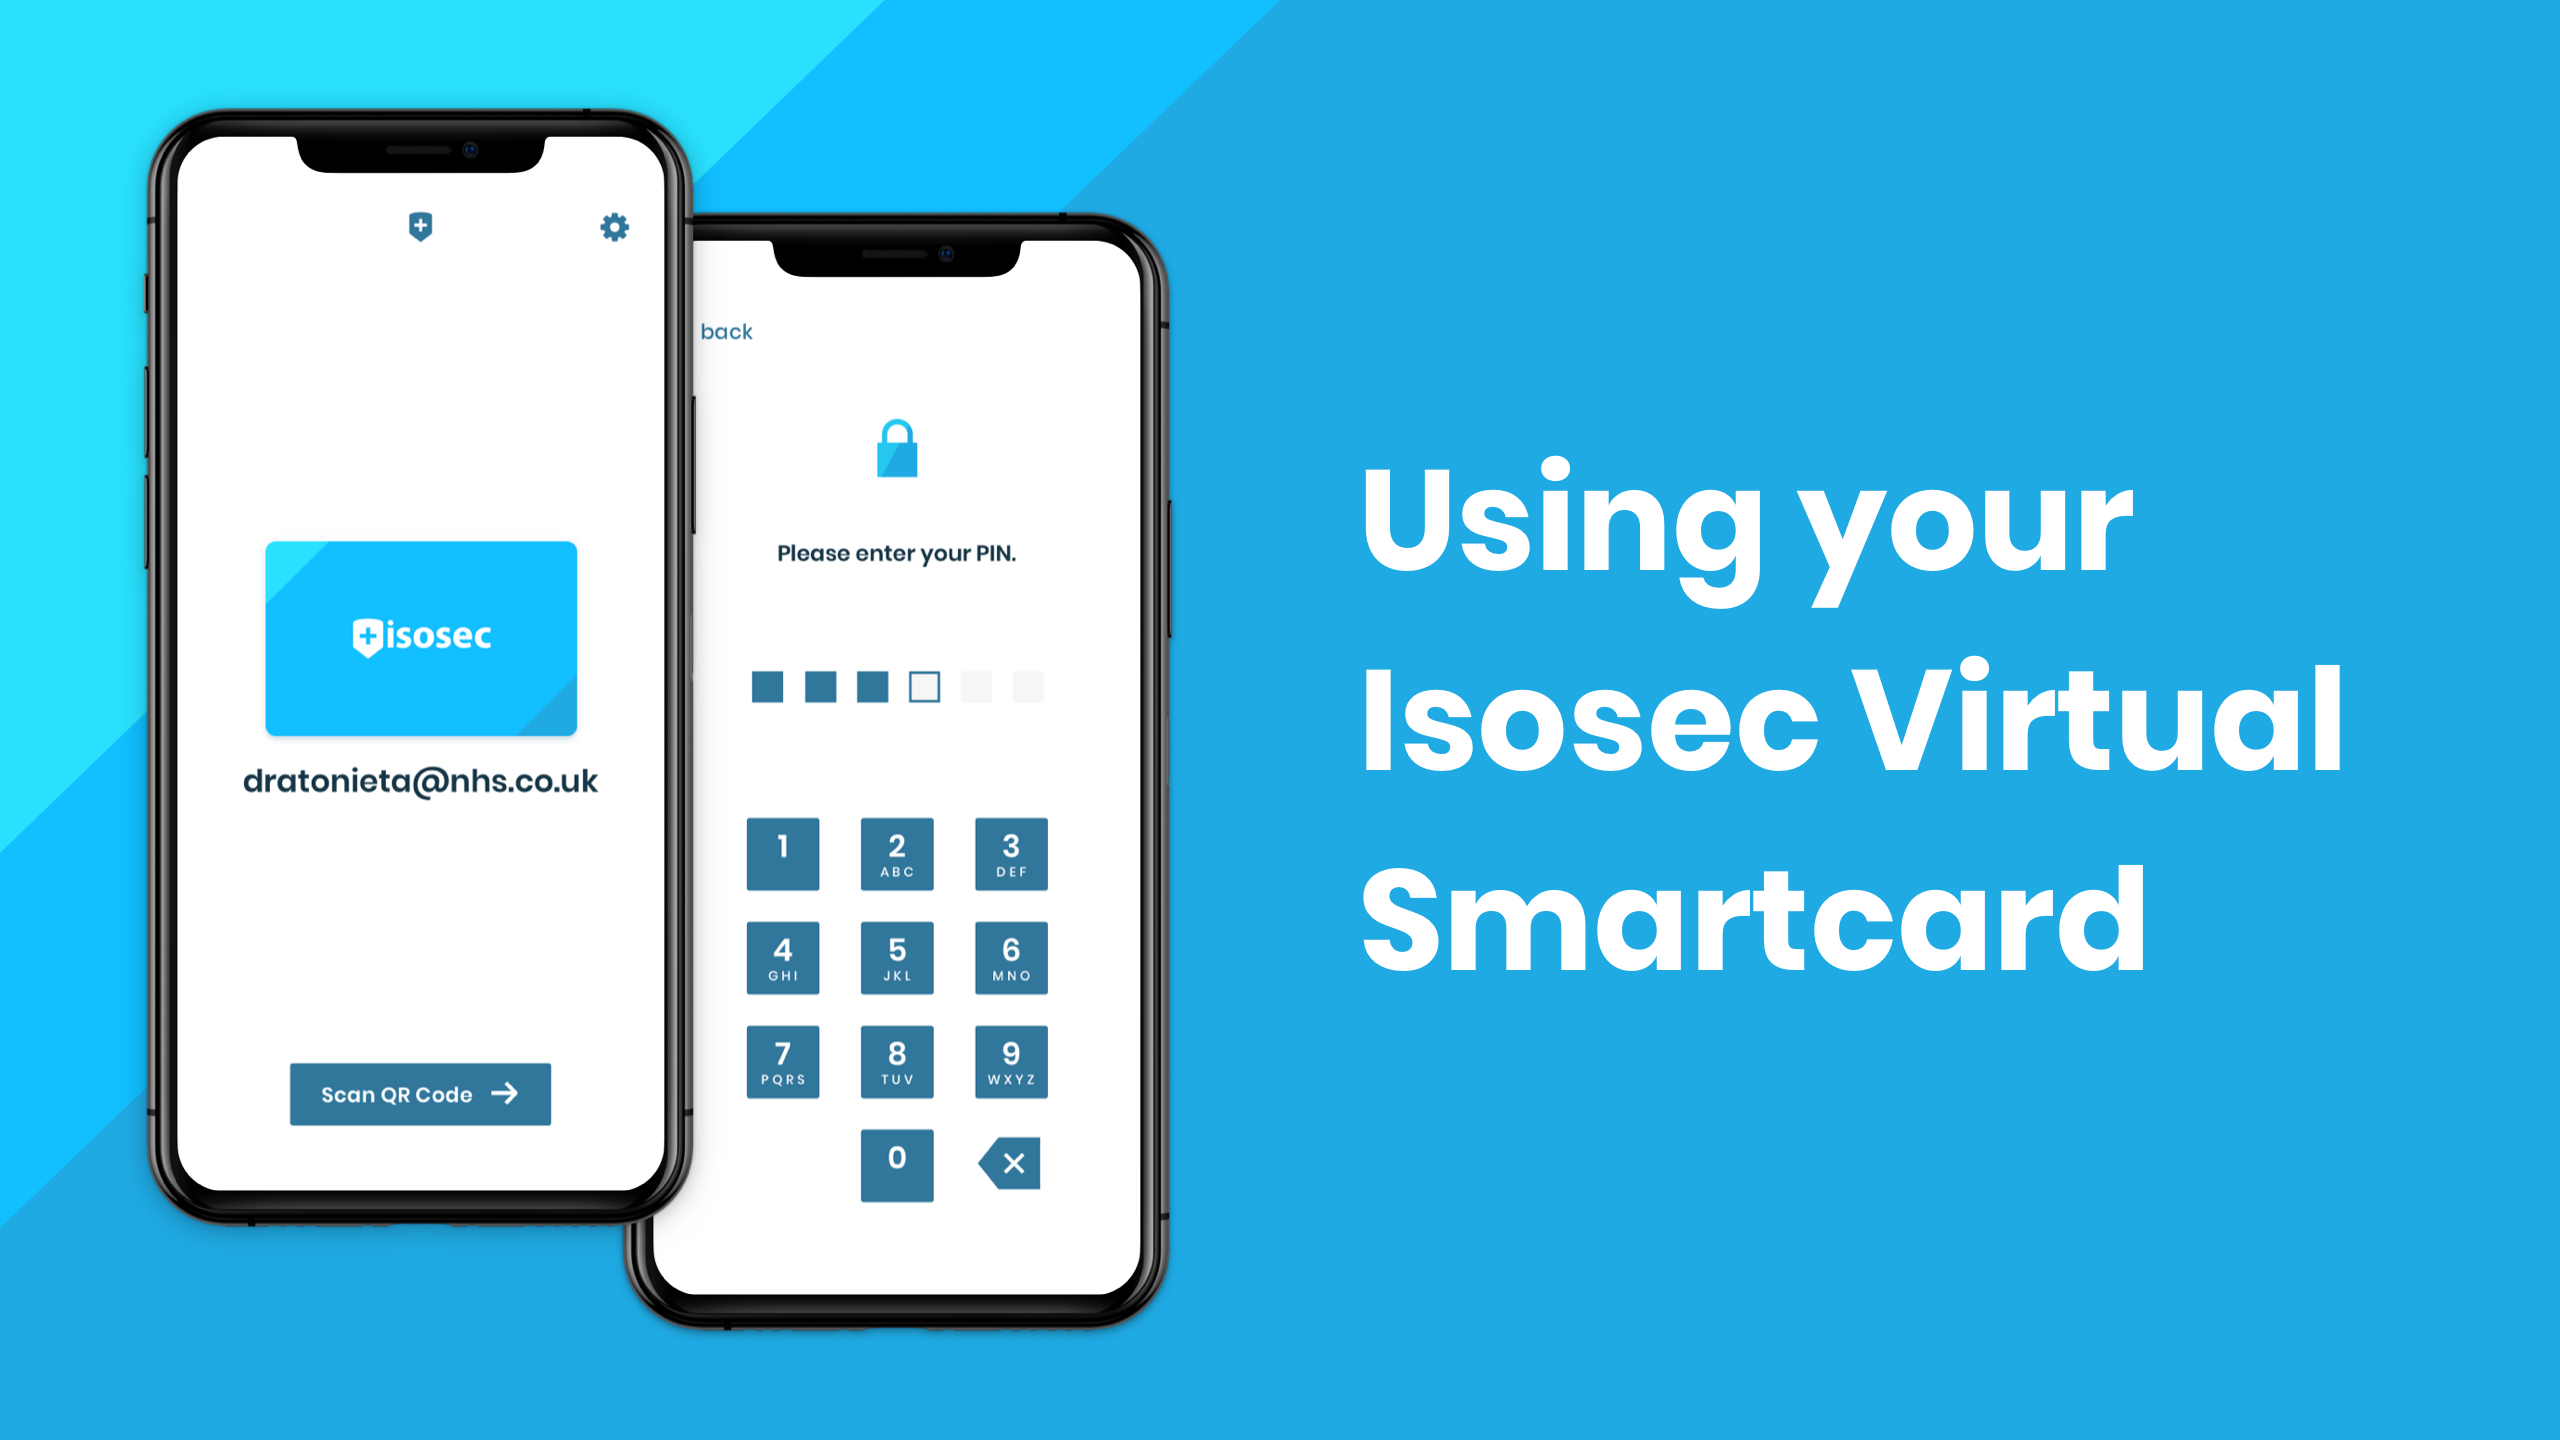 Using your Isosec Virtual Smartcard